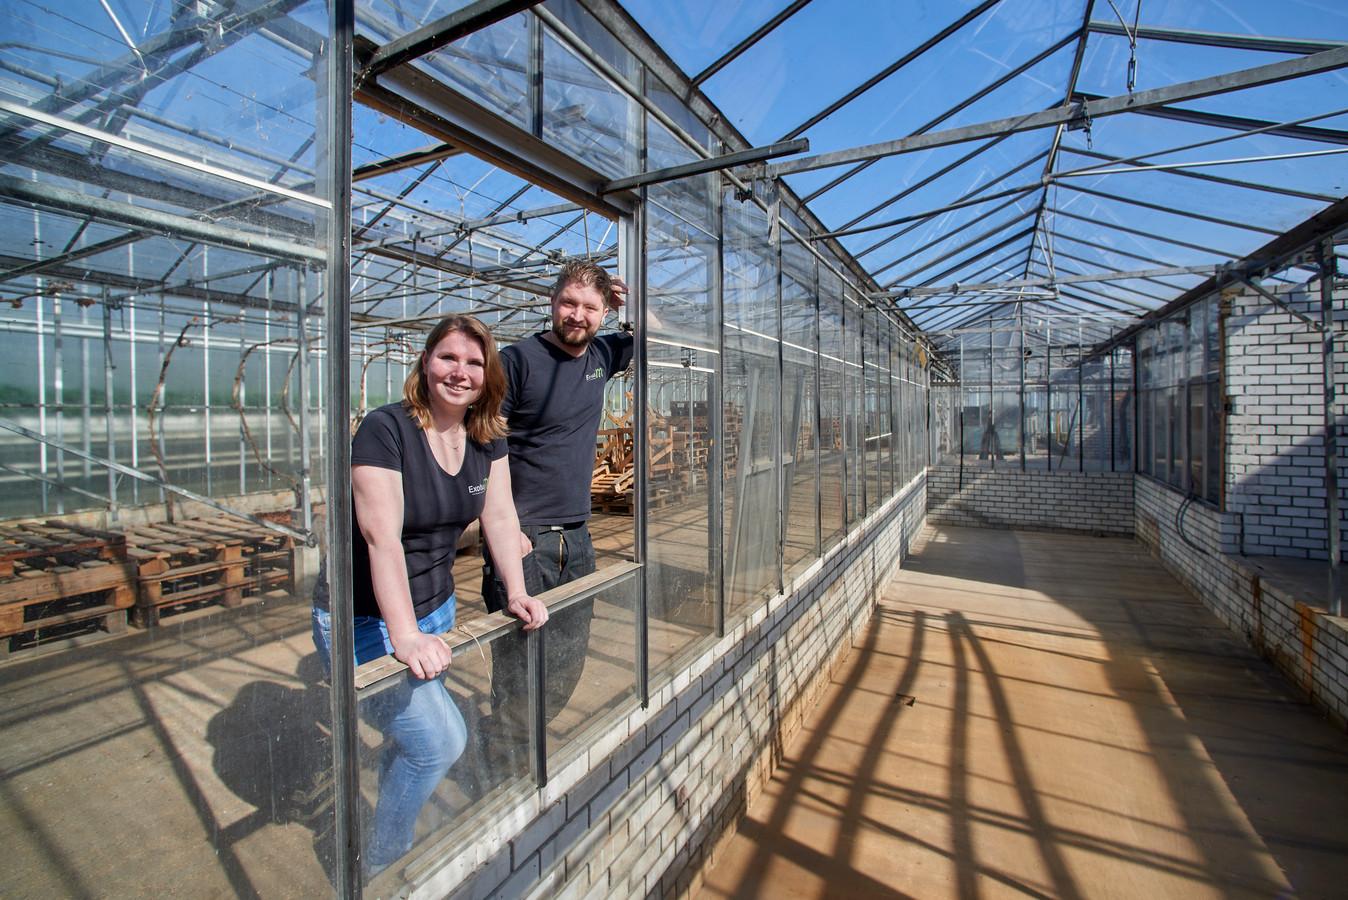 Tim van Oostrum en zijn vriendin Eva beginnen een educatiecentrum exotische dieren aan de Groothees in Erp. Rechts de plek waar ze het bassin voor de kaaimannen willen maken.